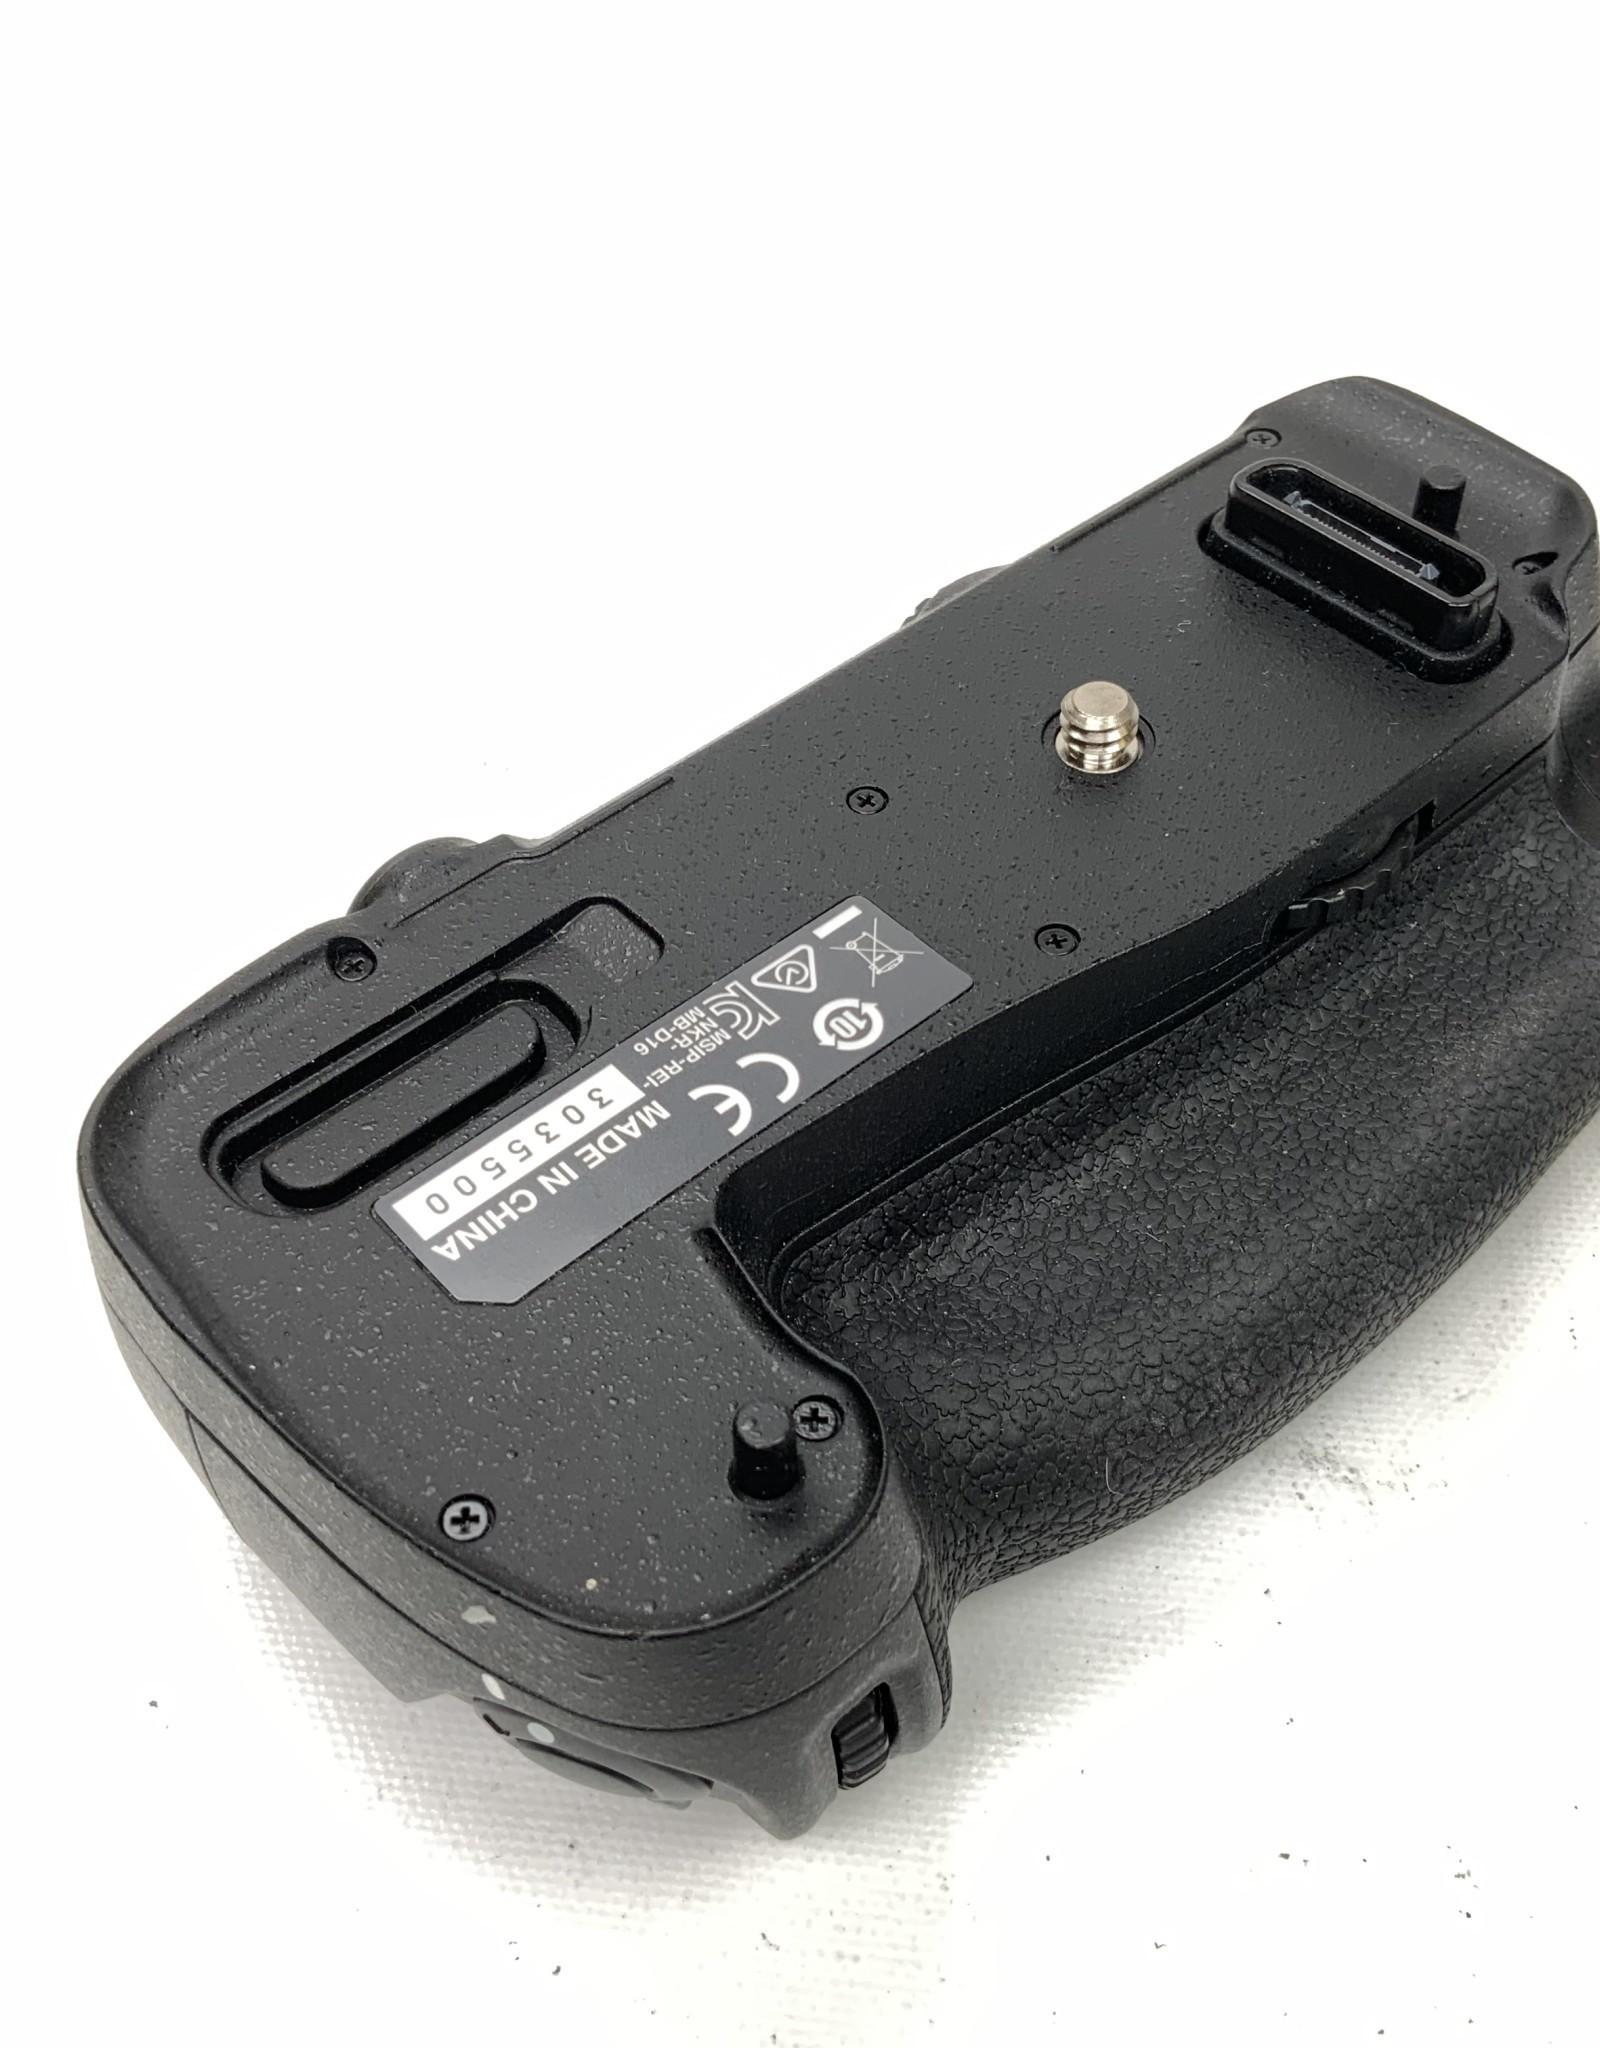 NIKON Nikon MB-D16 Grip for Nikon D750 Camera Used EX